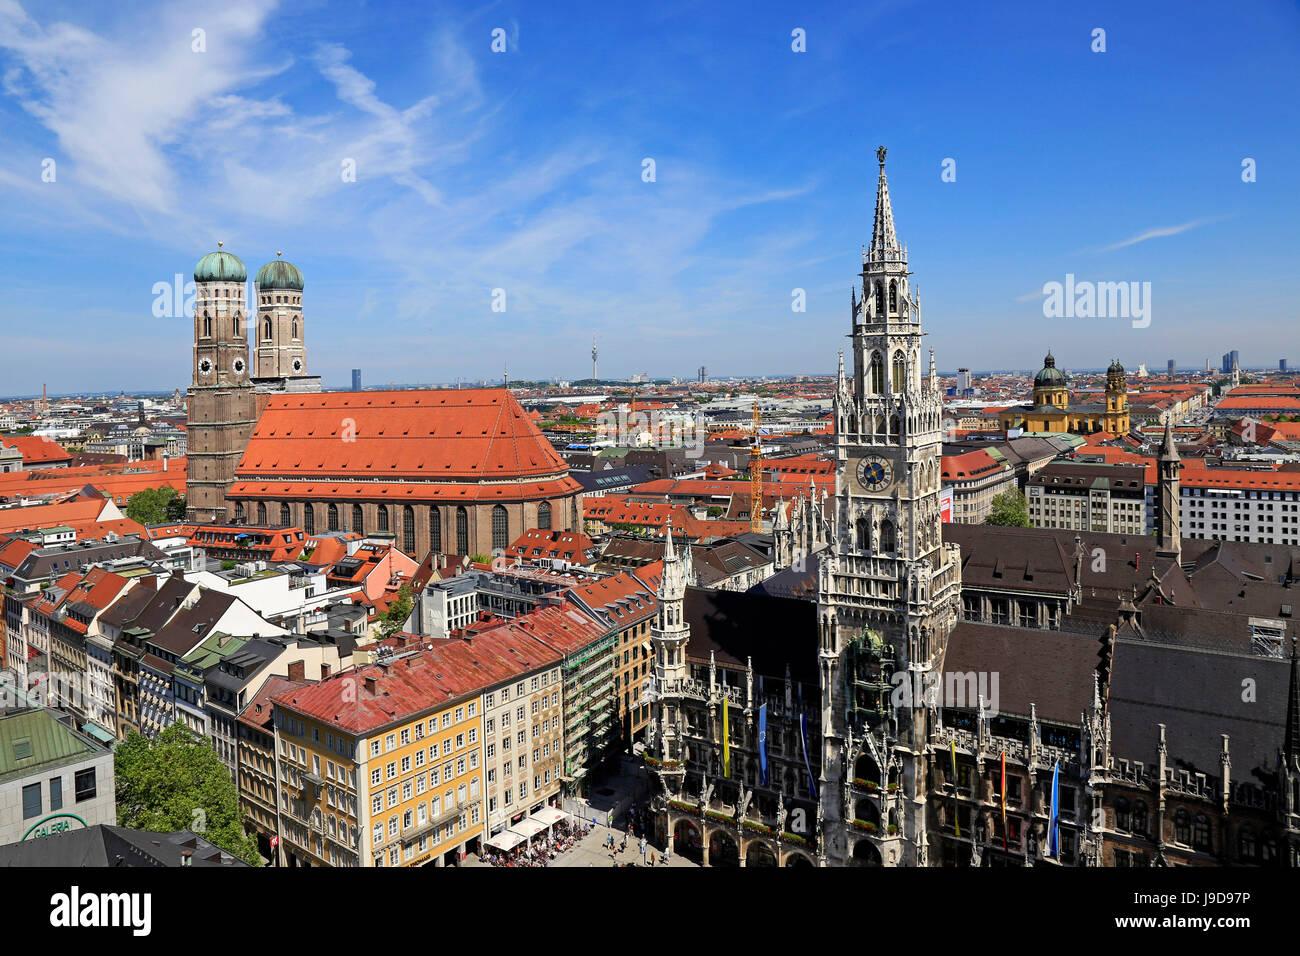 Vue de l'église Saint Pierre jusqu'à la place Marienplatz, l'Hôtel de Ville et église Photo Stock